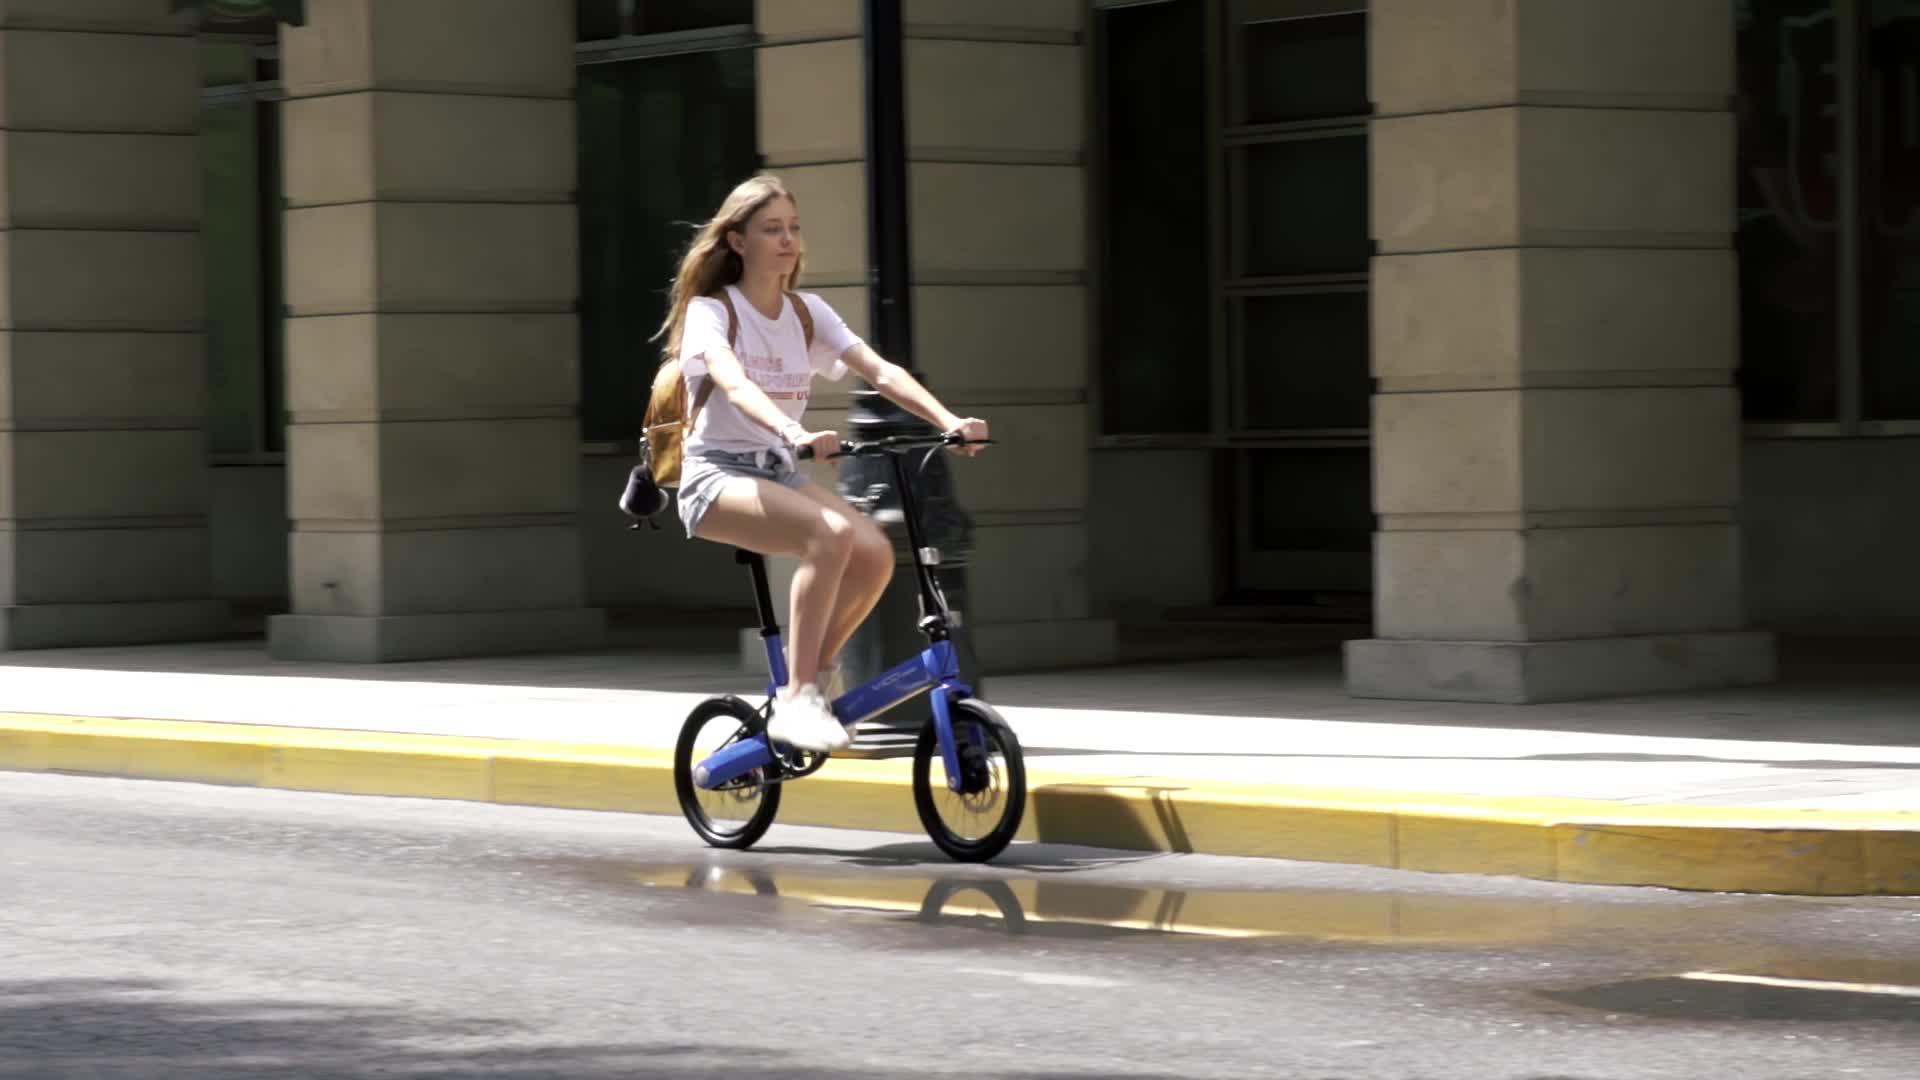 """2020ใหม่แฟชั่นอลูมิเนียมอัลลอยด์16 """"แสงถนนจักรยานพับจักรยานผู้หญิงพับจักรยานขนาดเล็ก"""